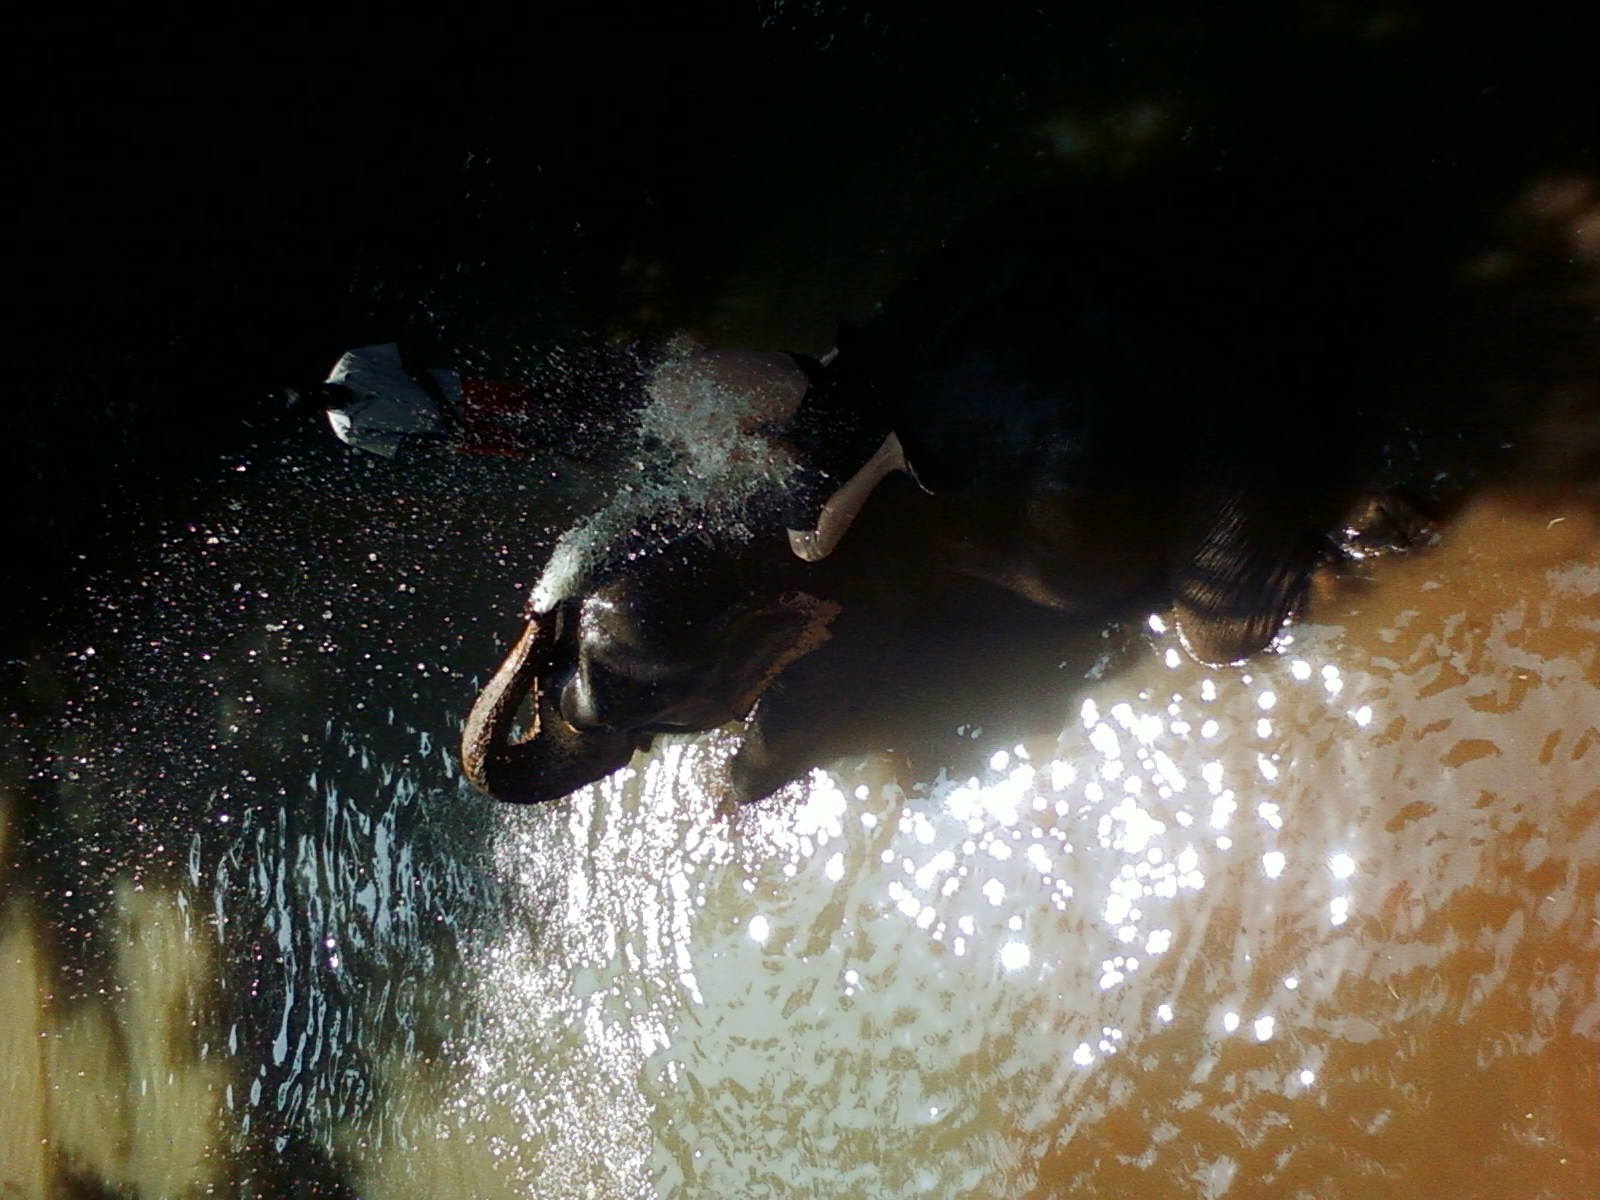 Goan style of bathing 1